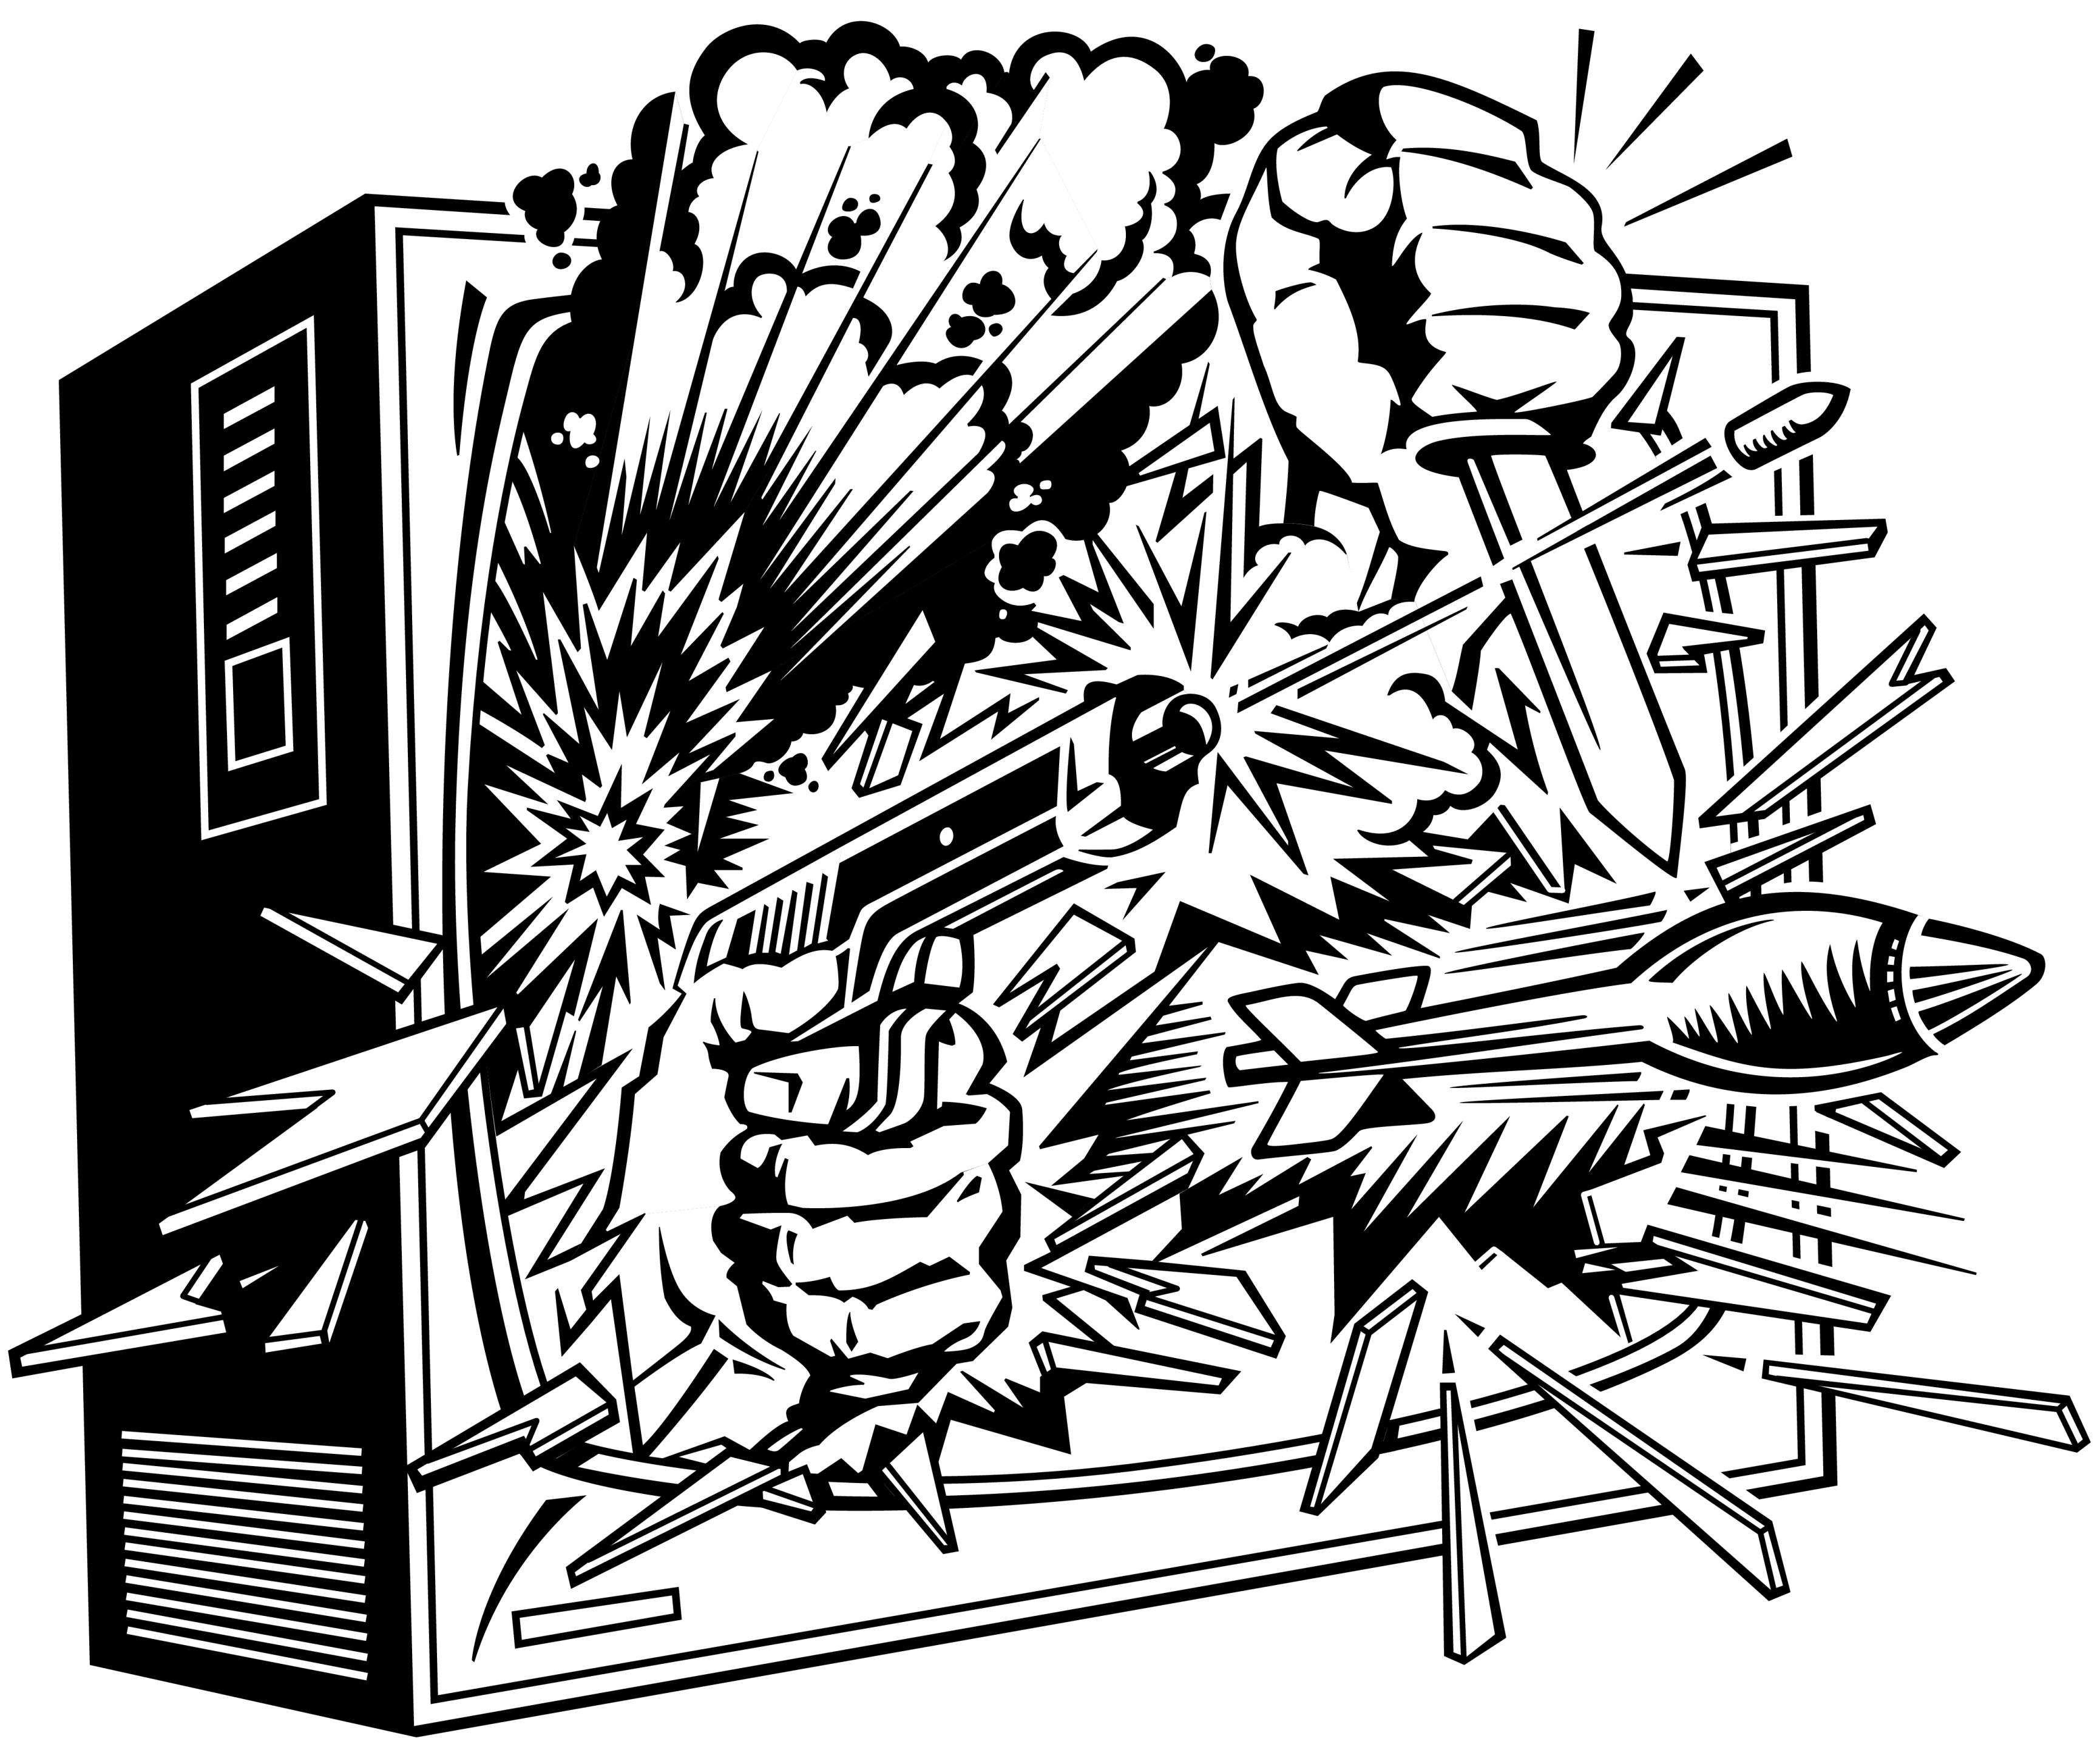 violence in media essay mass